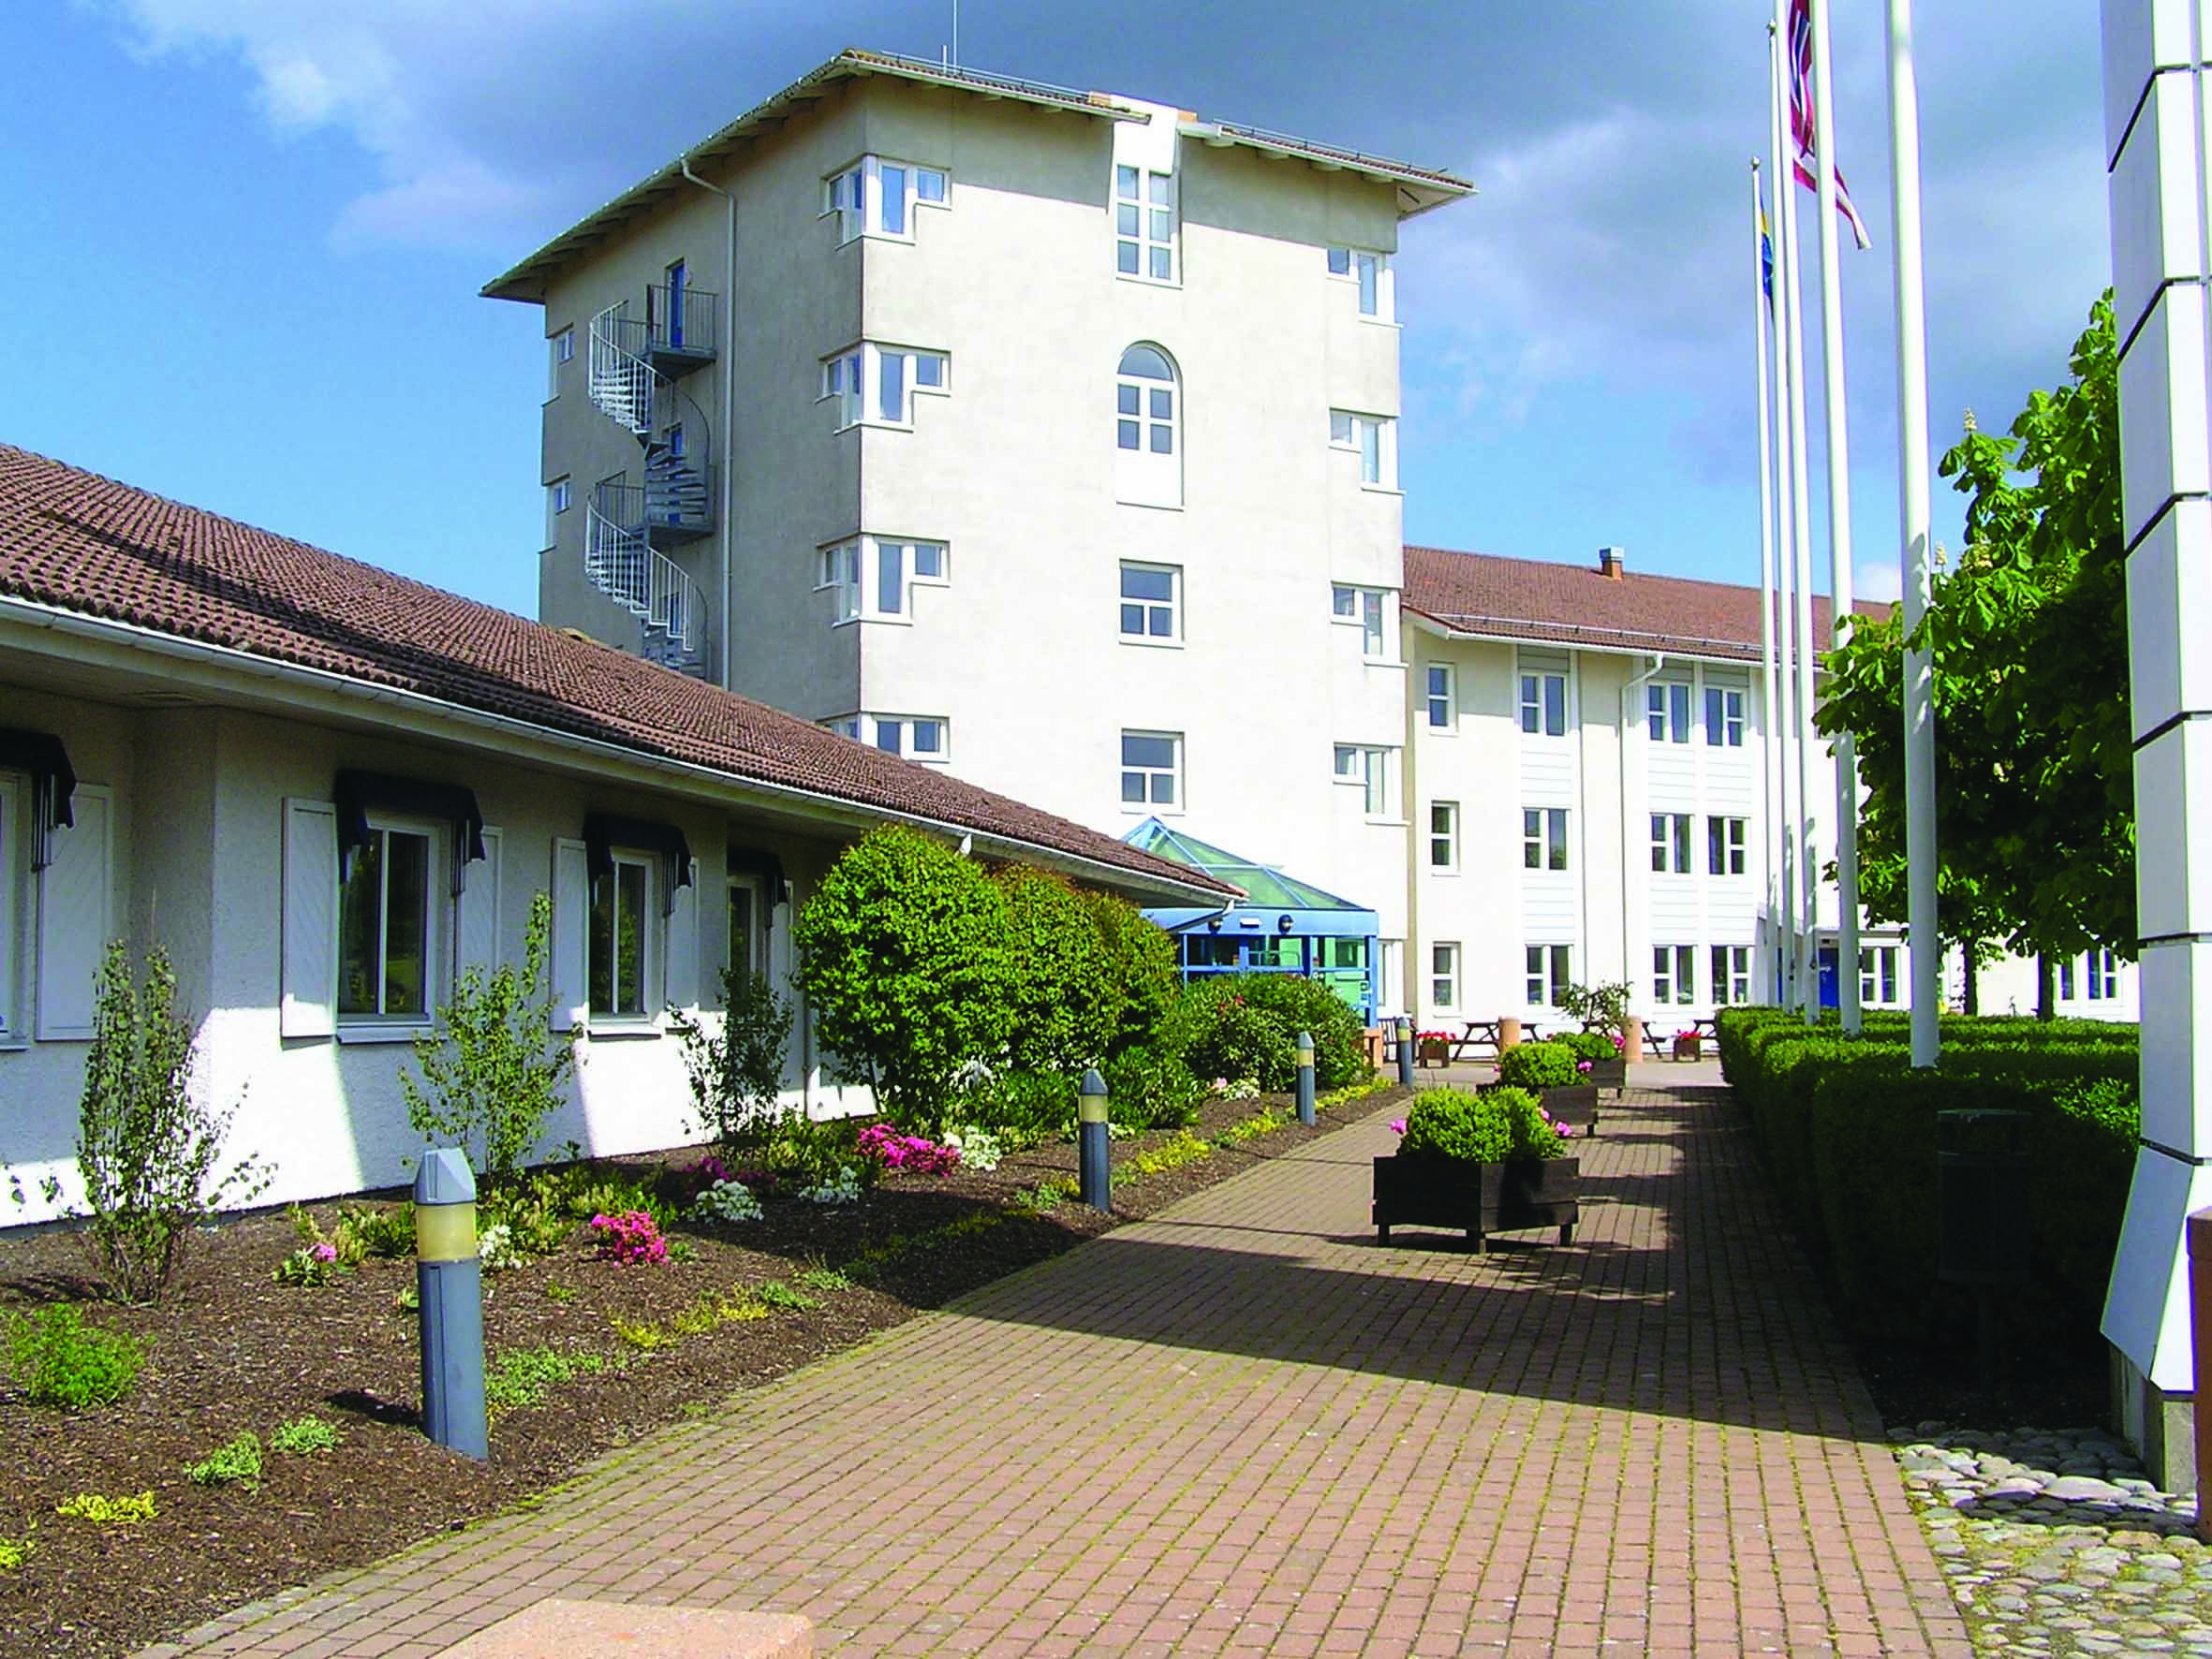 Velkommen til Hotel Erikslund